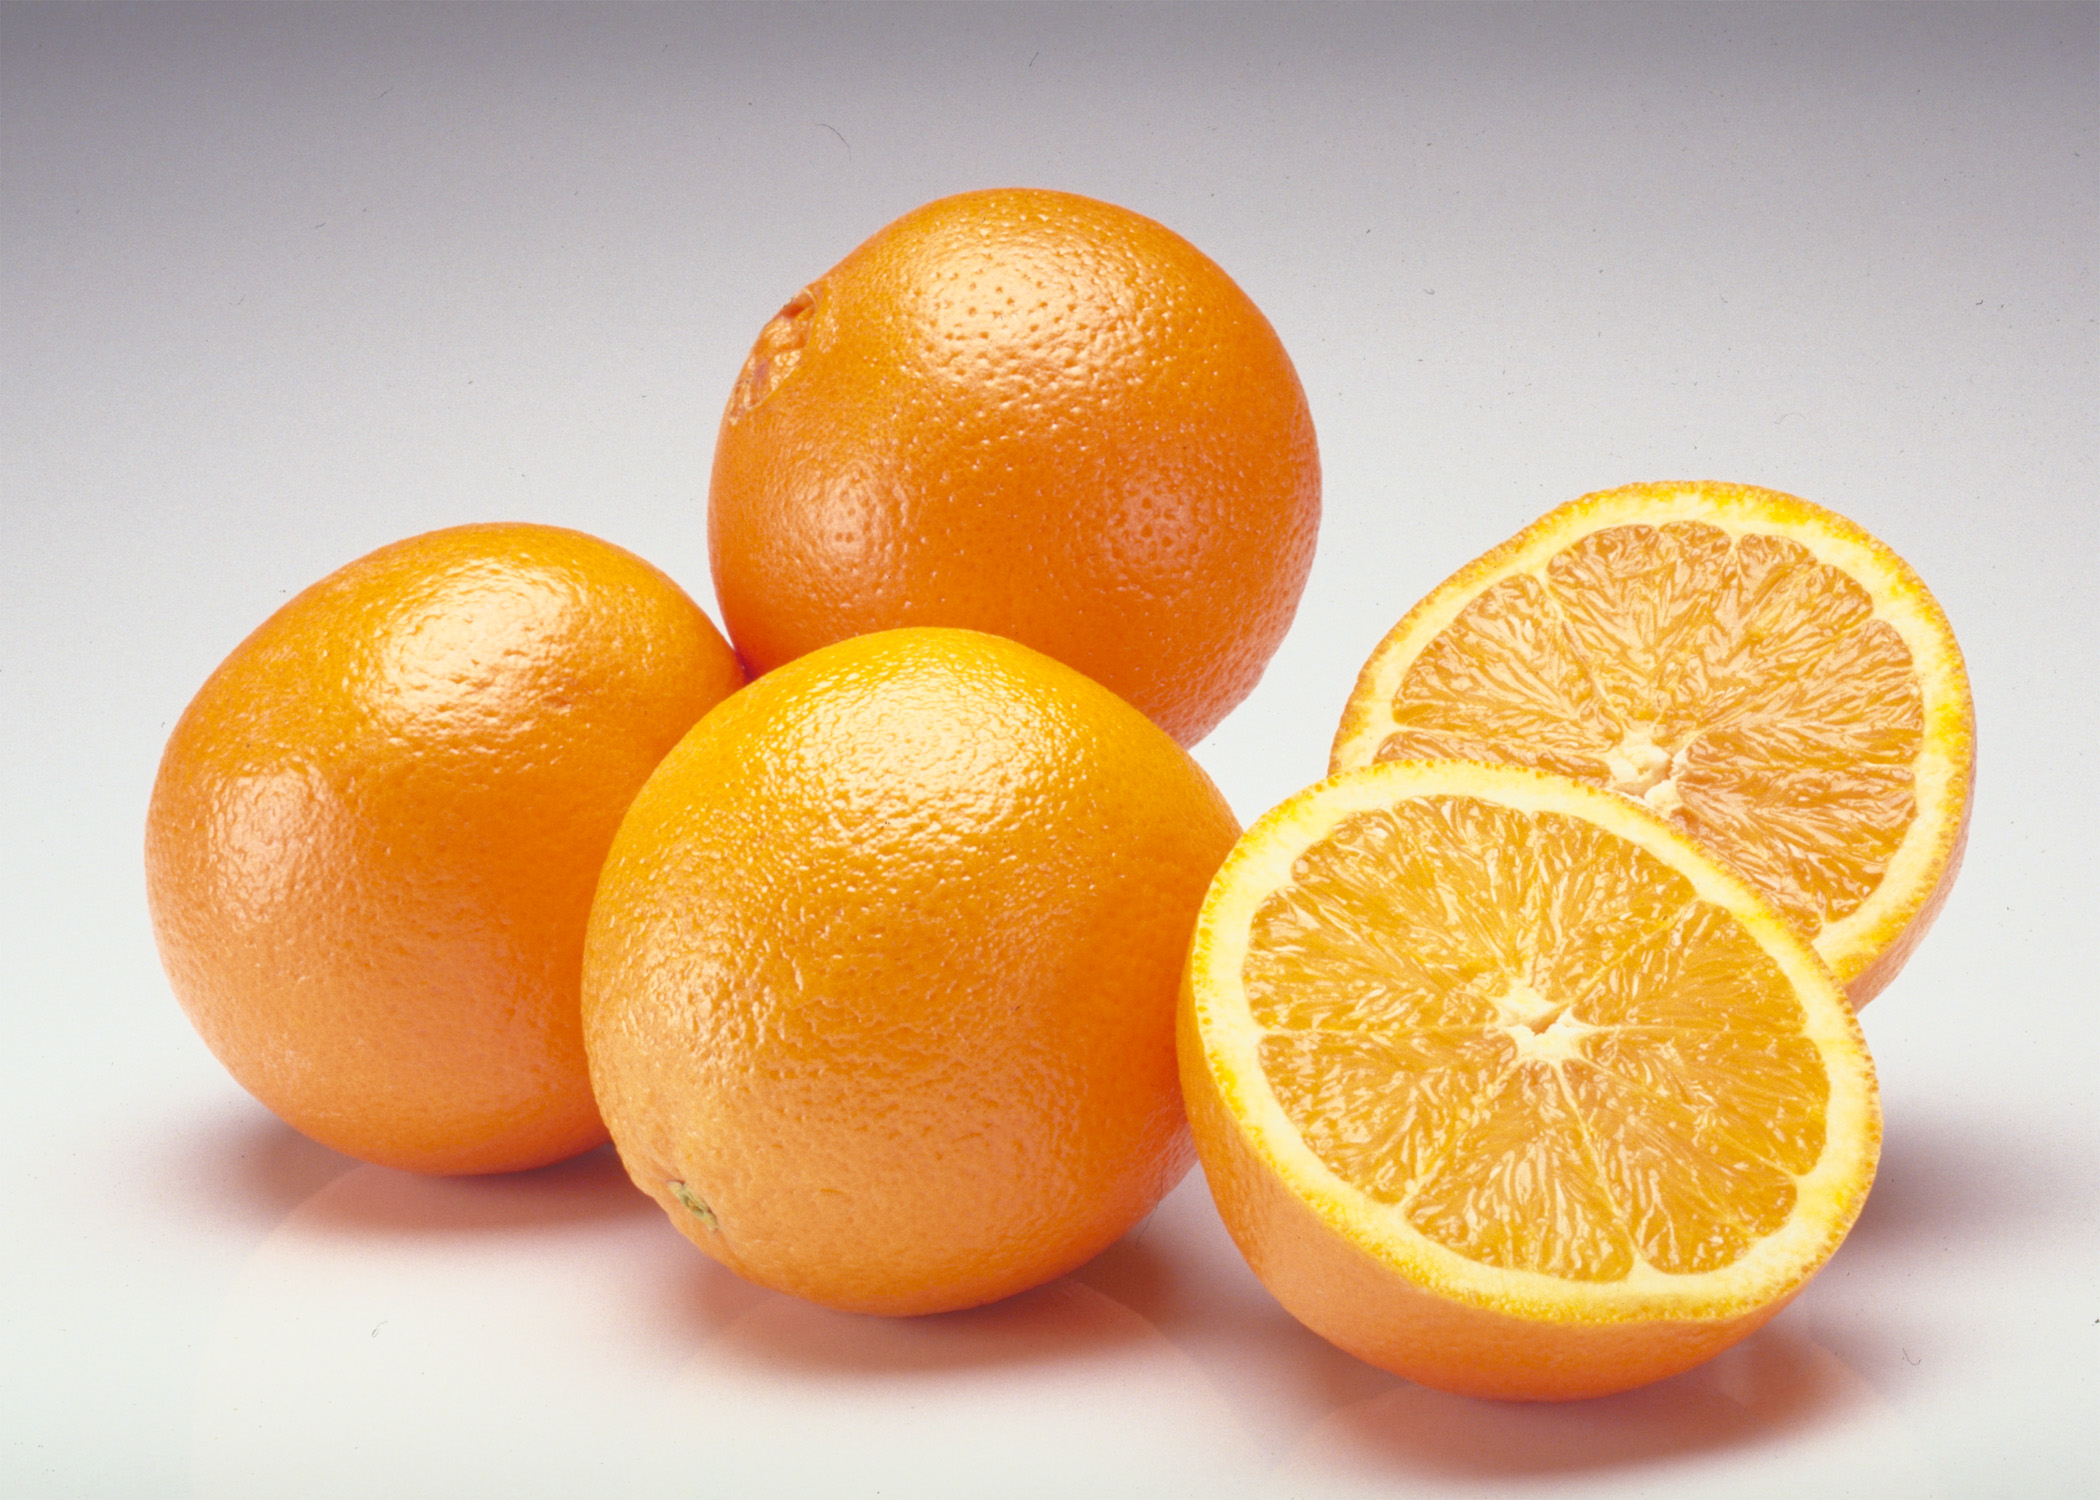 Yellow orange pictures